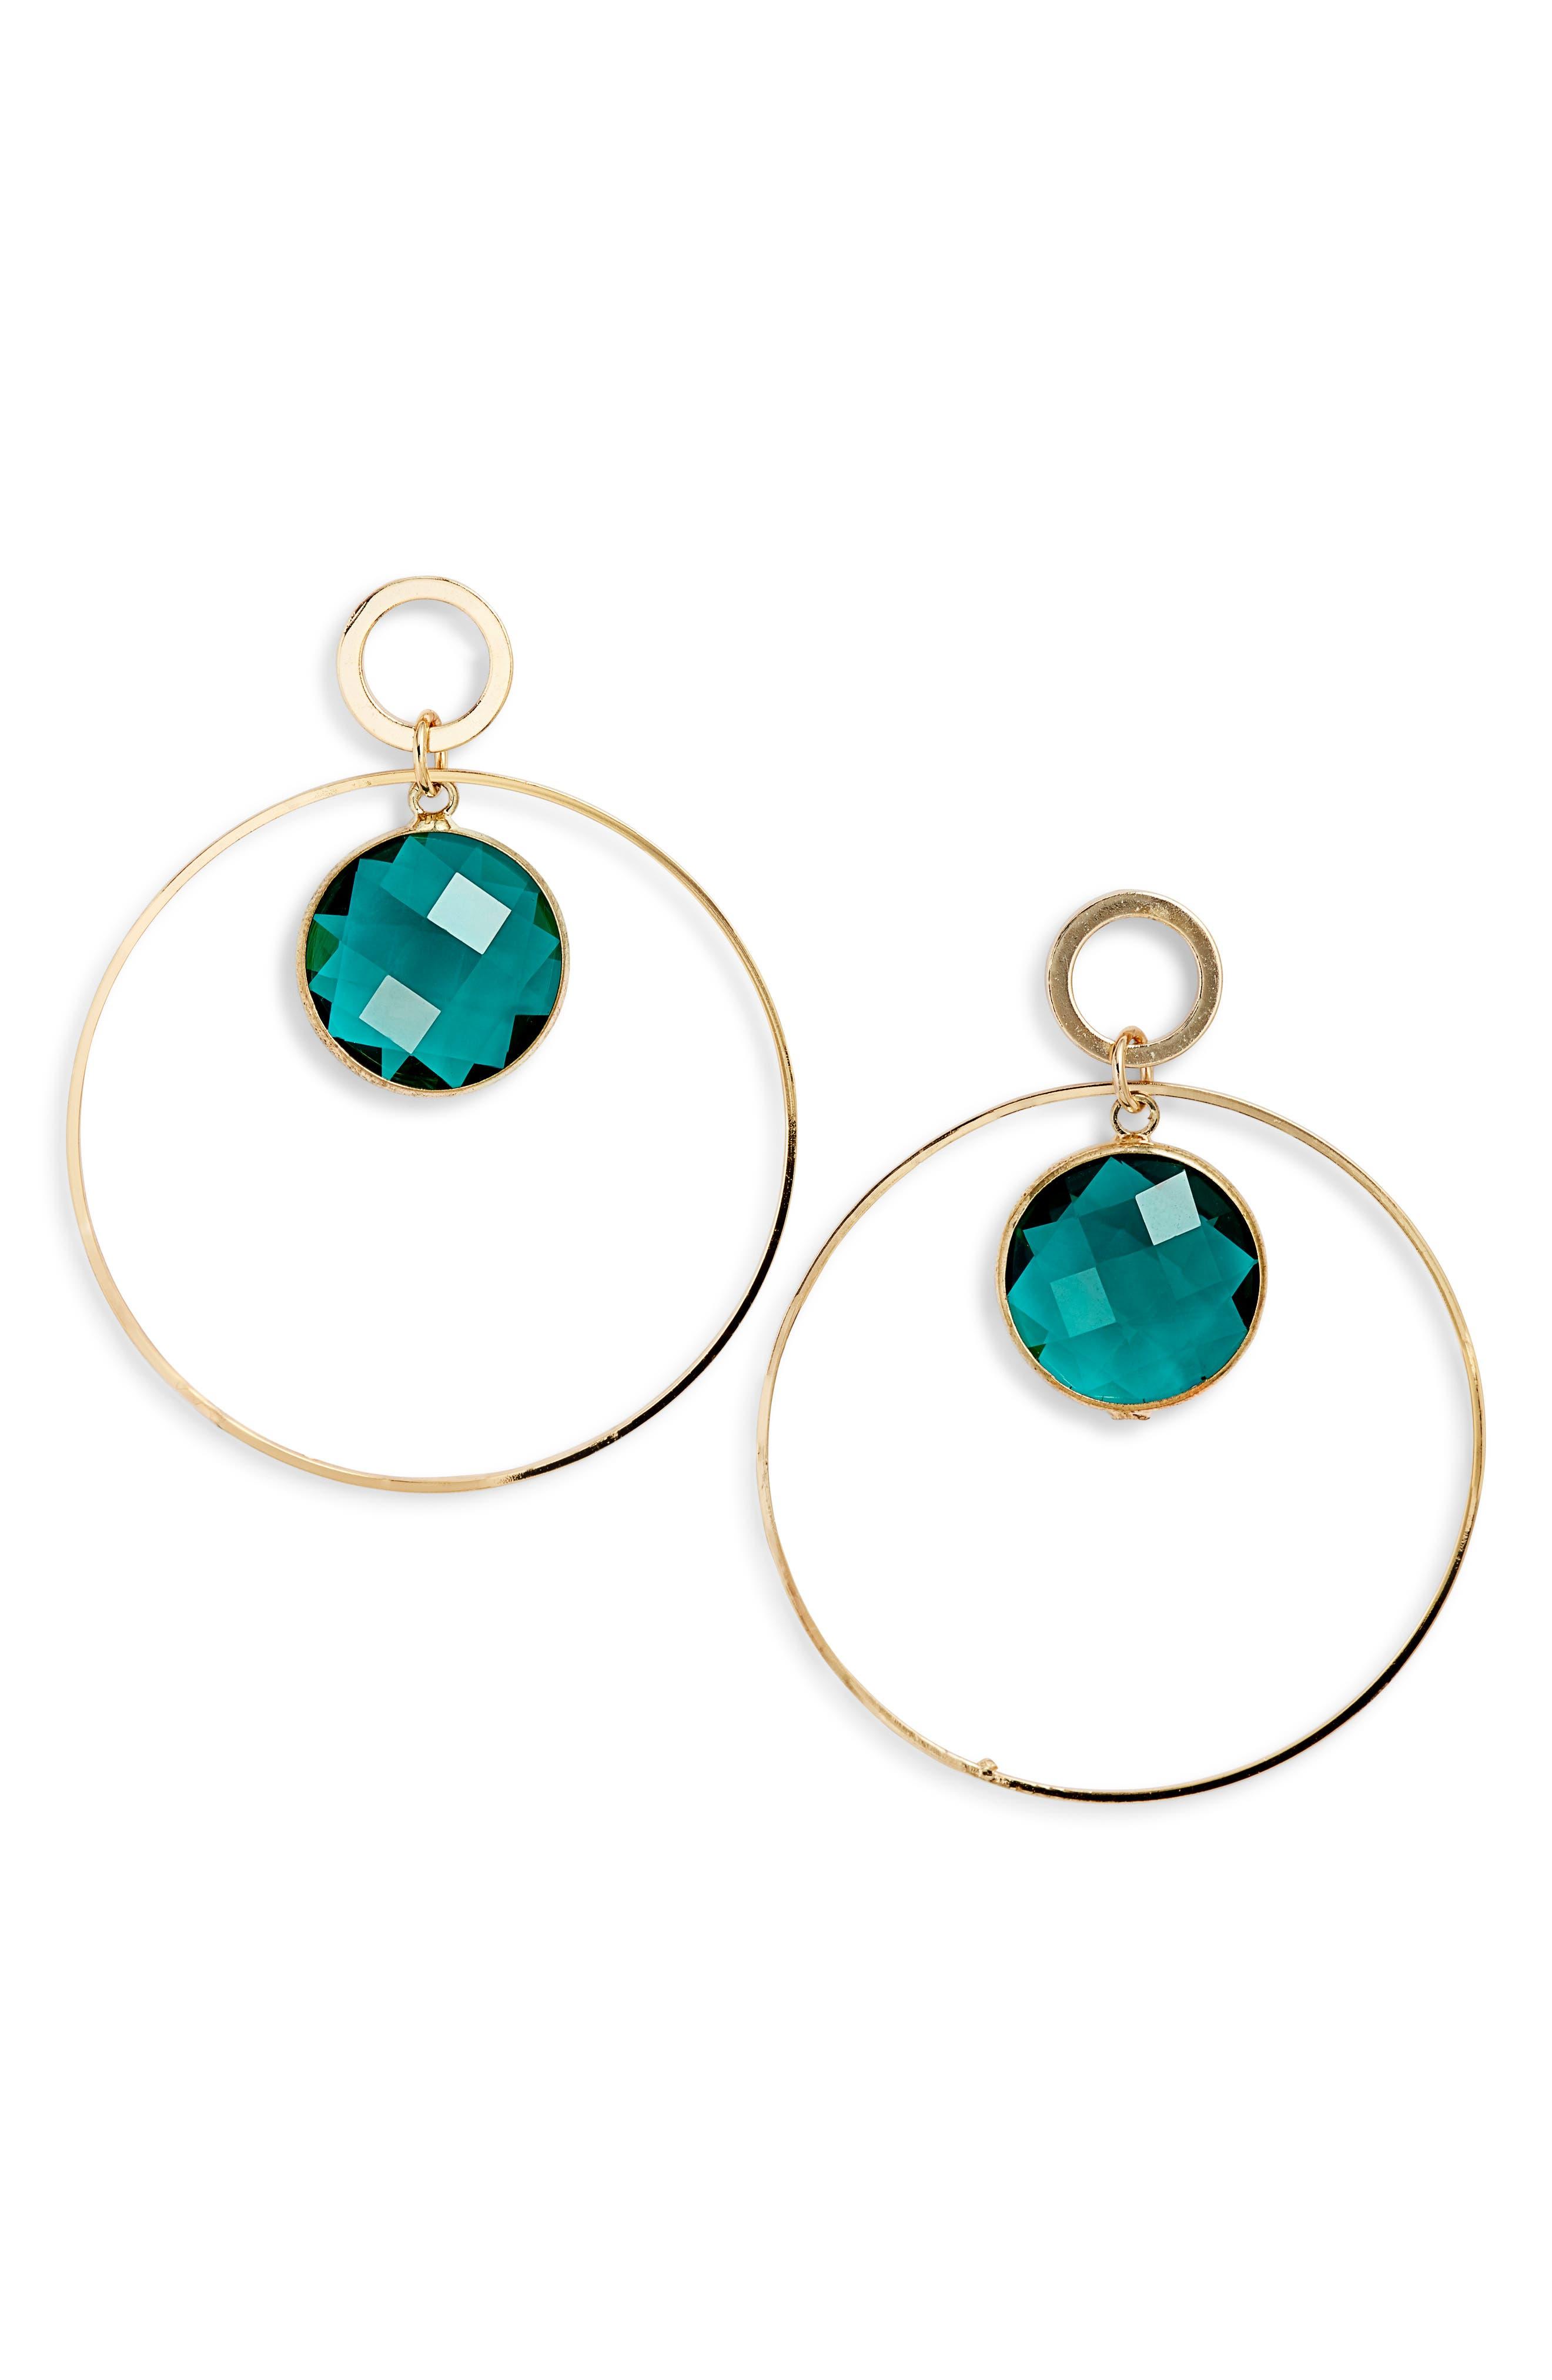 ELISE M. Crystal Hoop Earrings in Gold/ Emerald